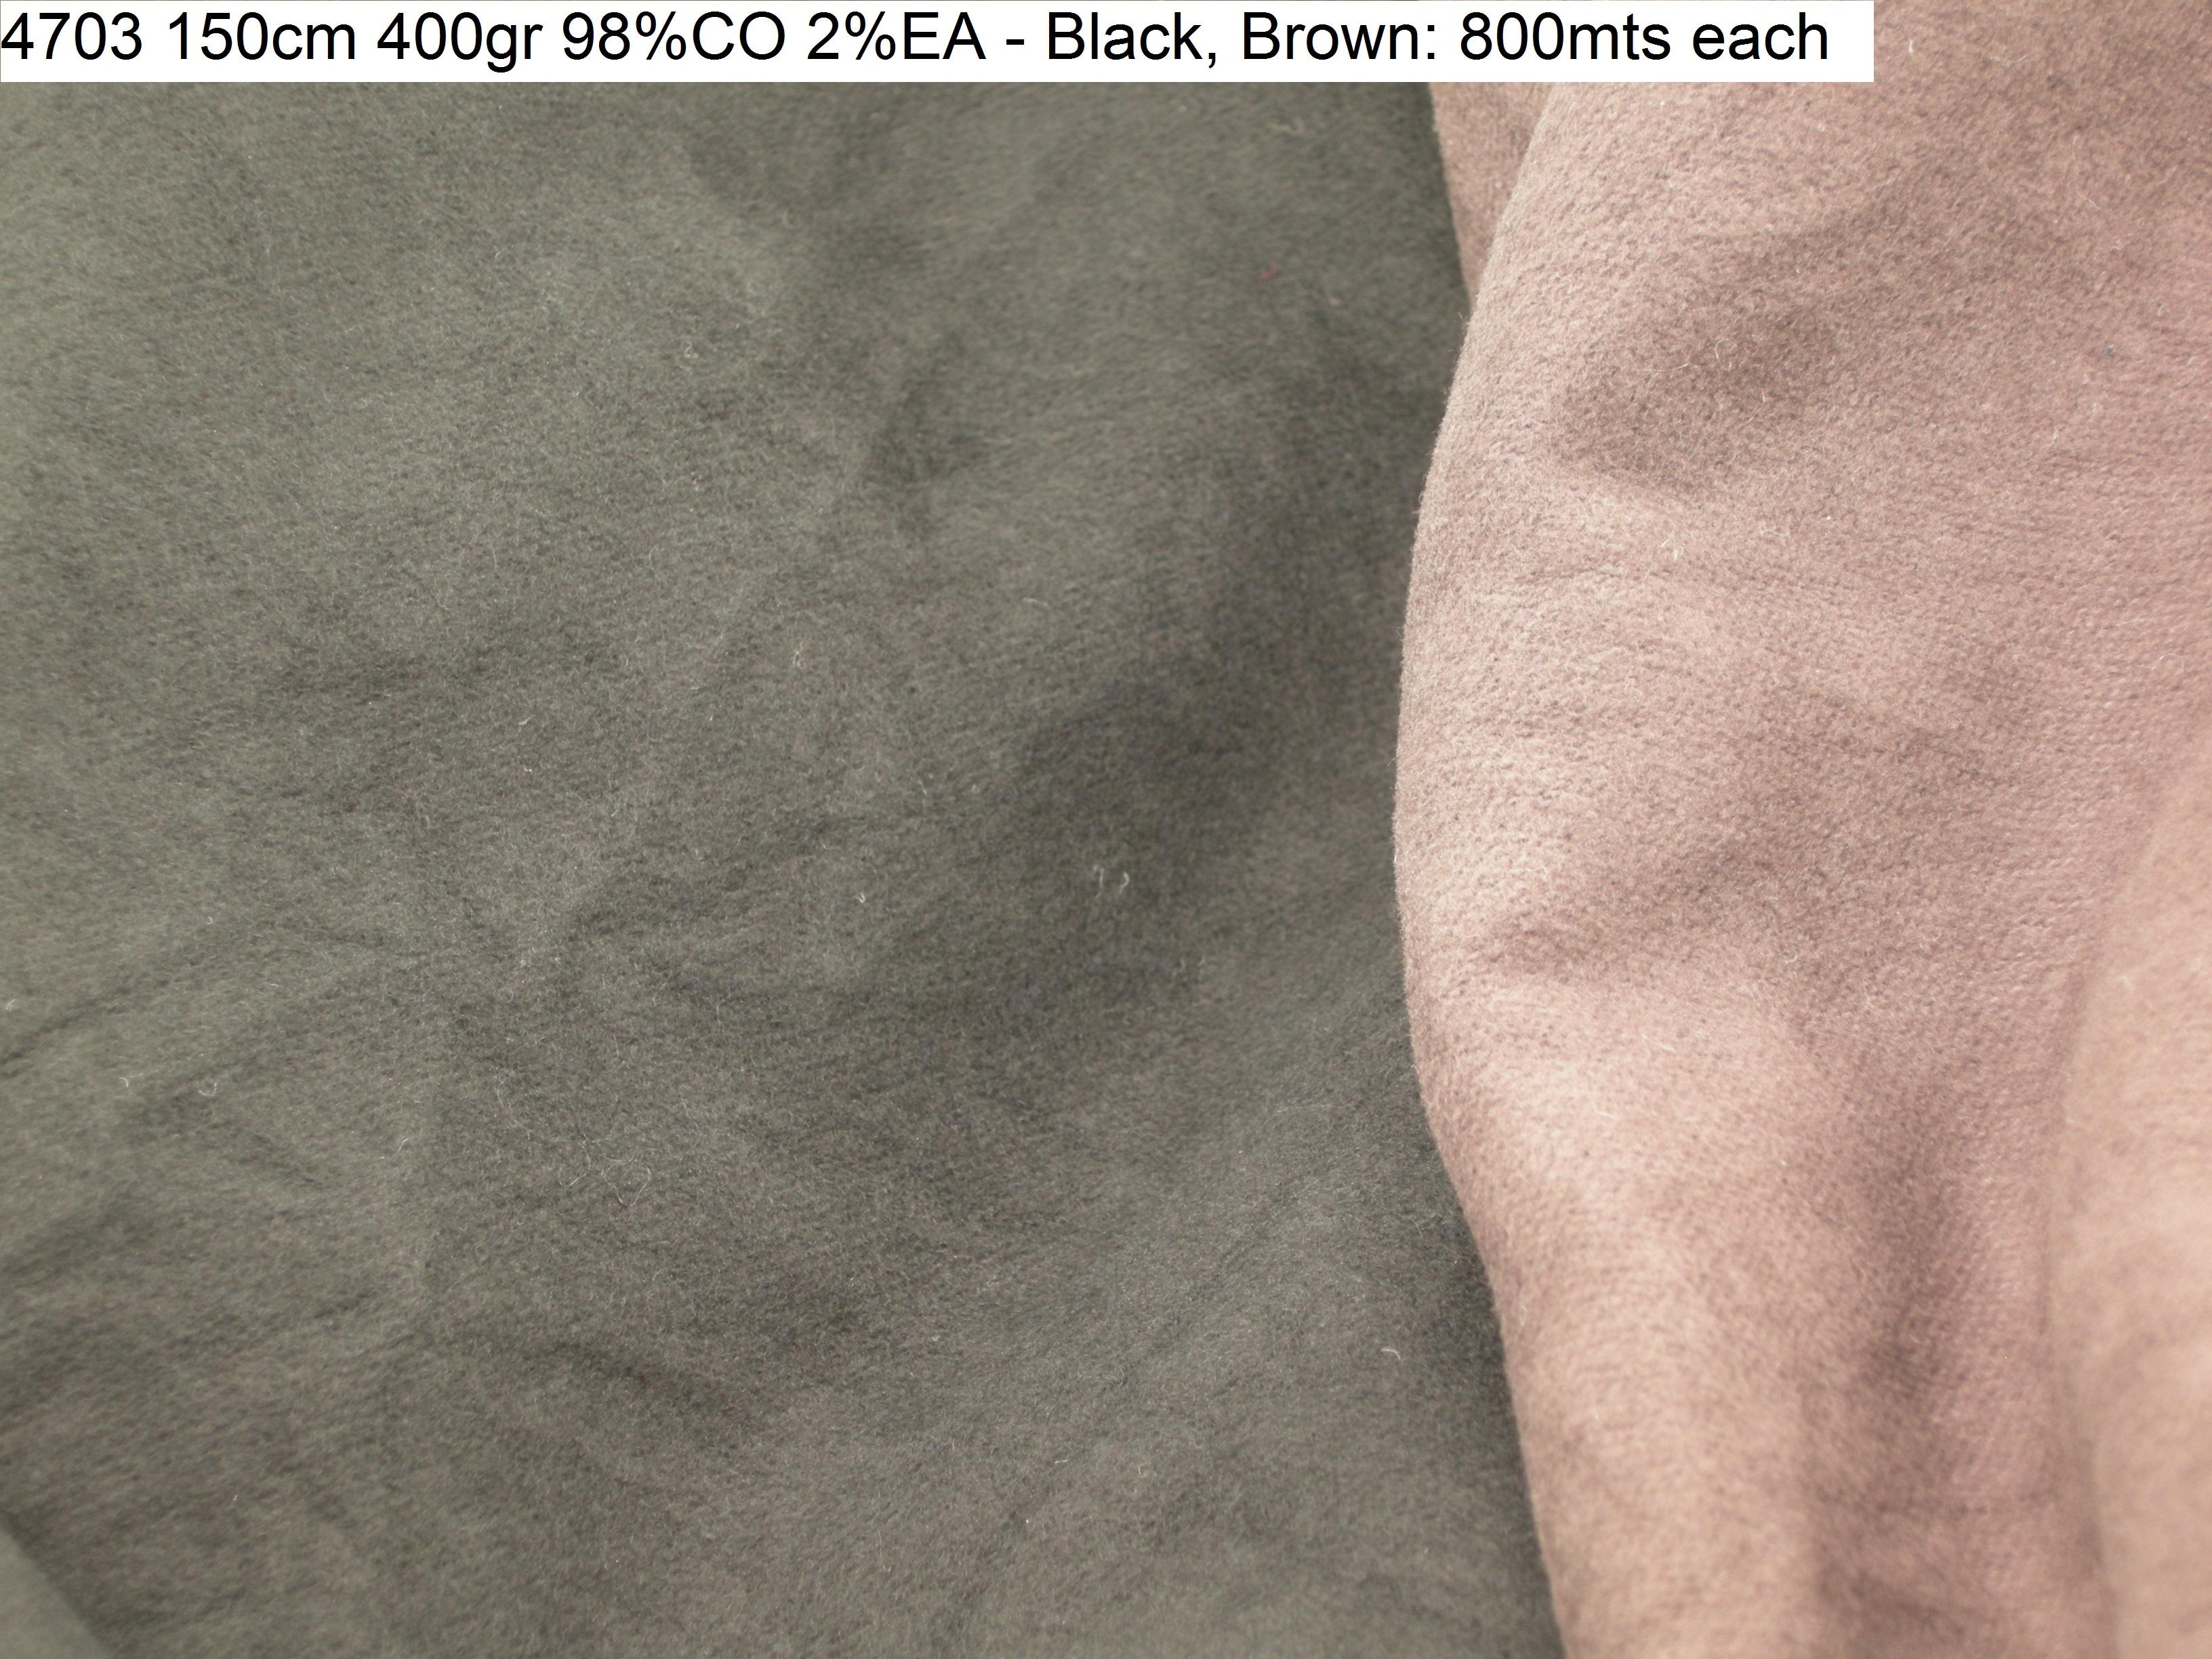 4703 crinckled stretch comfort jacket pilor fashion fabric 150cm 400gr 98CO 2EA - Black Brown 800mts each